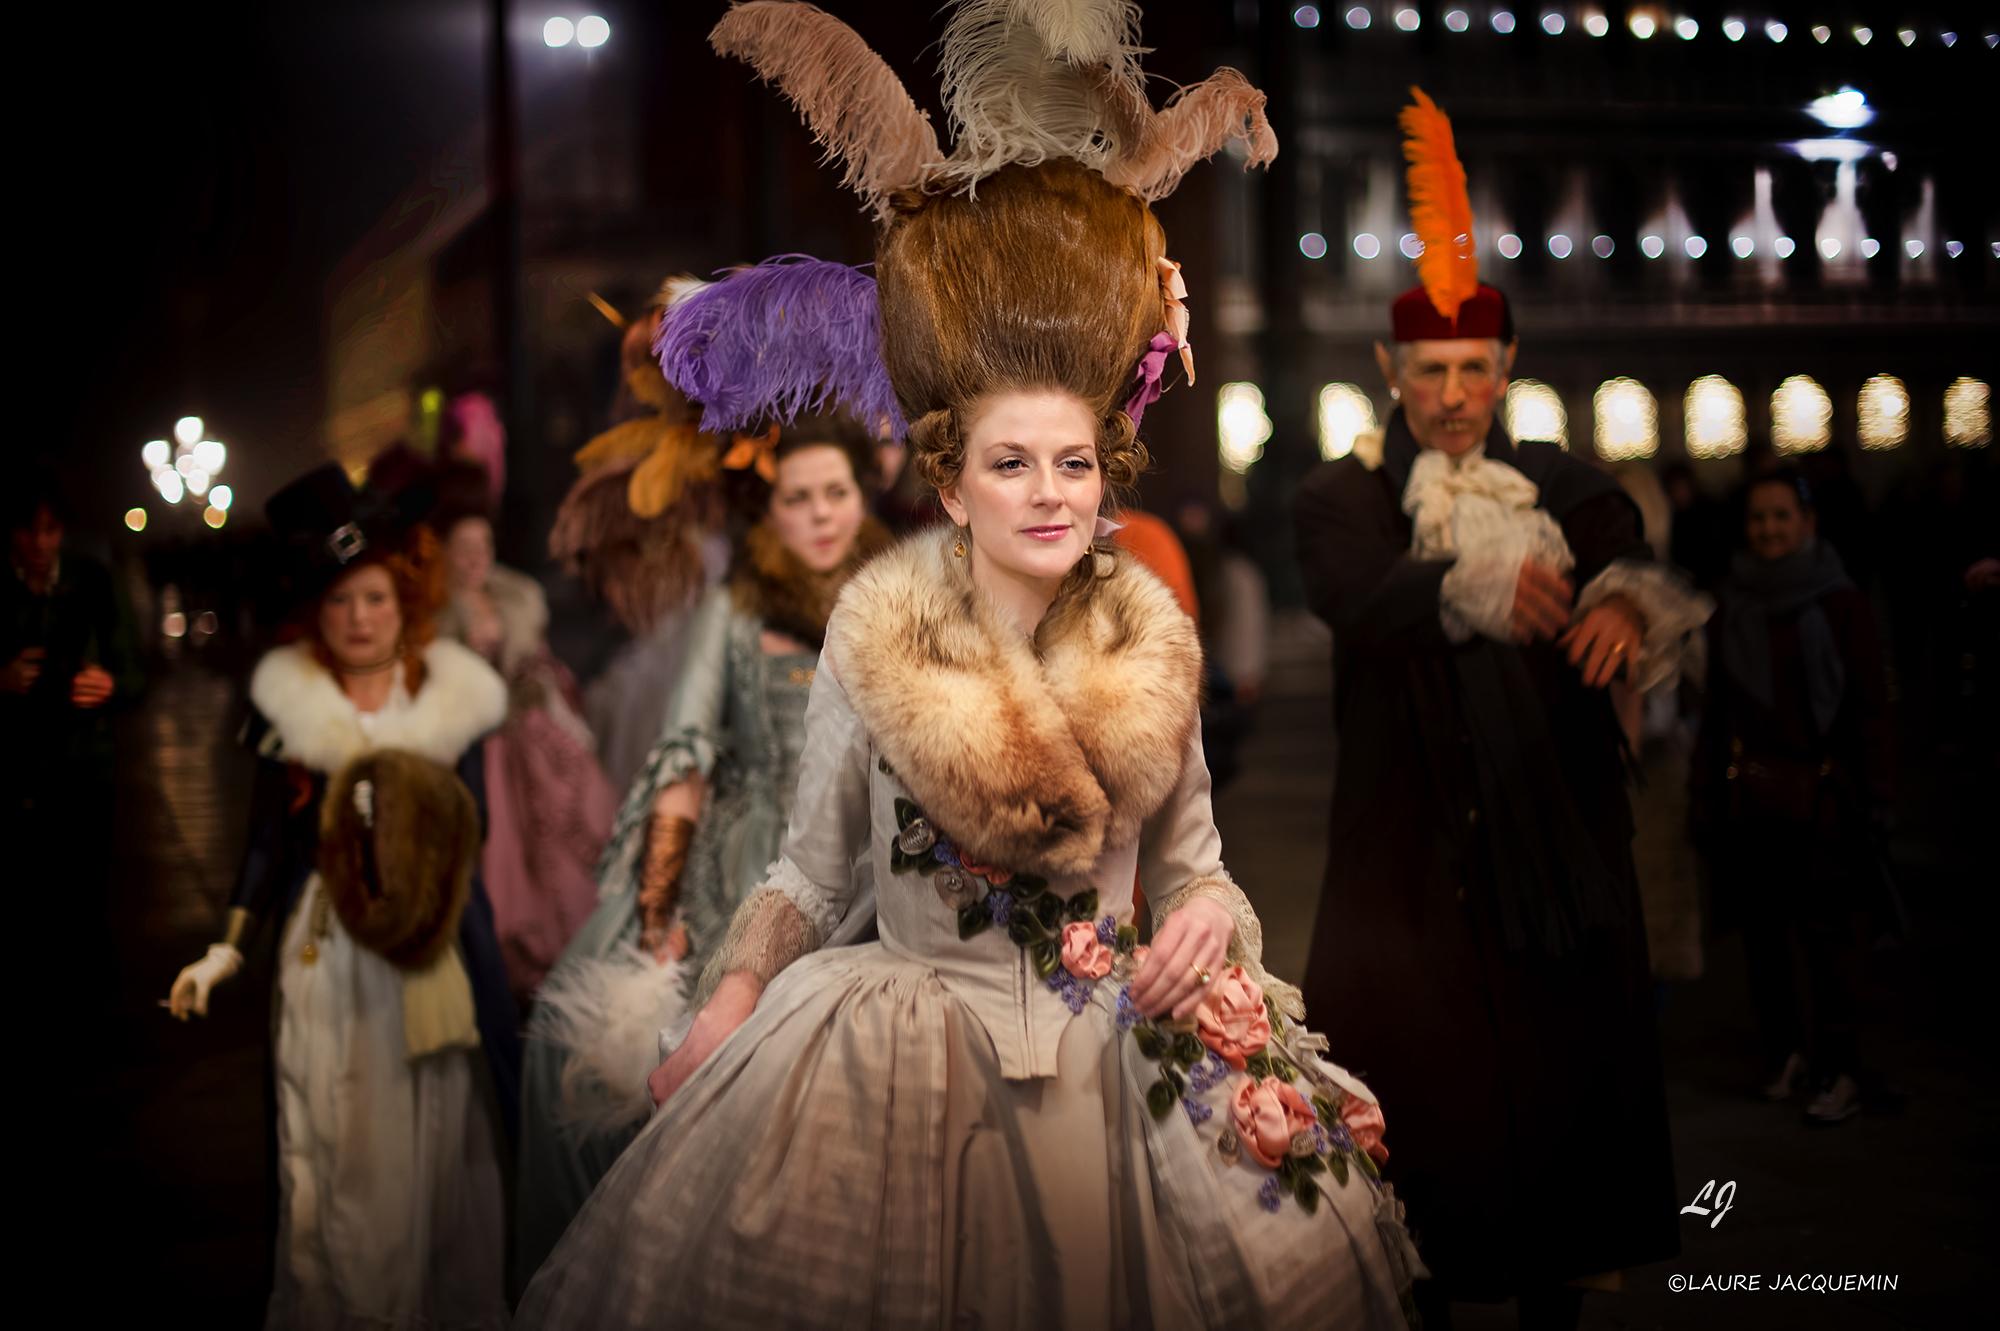 Meilleur photos Carnaval de Venise 2018 laure jacquemin (47)